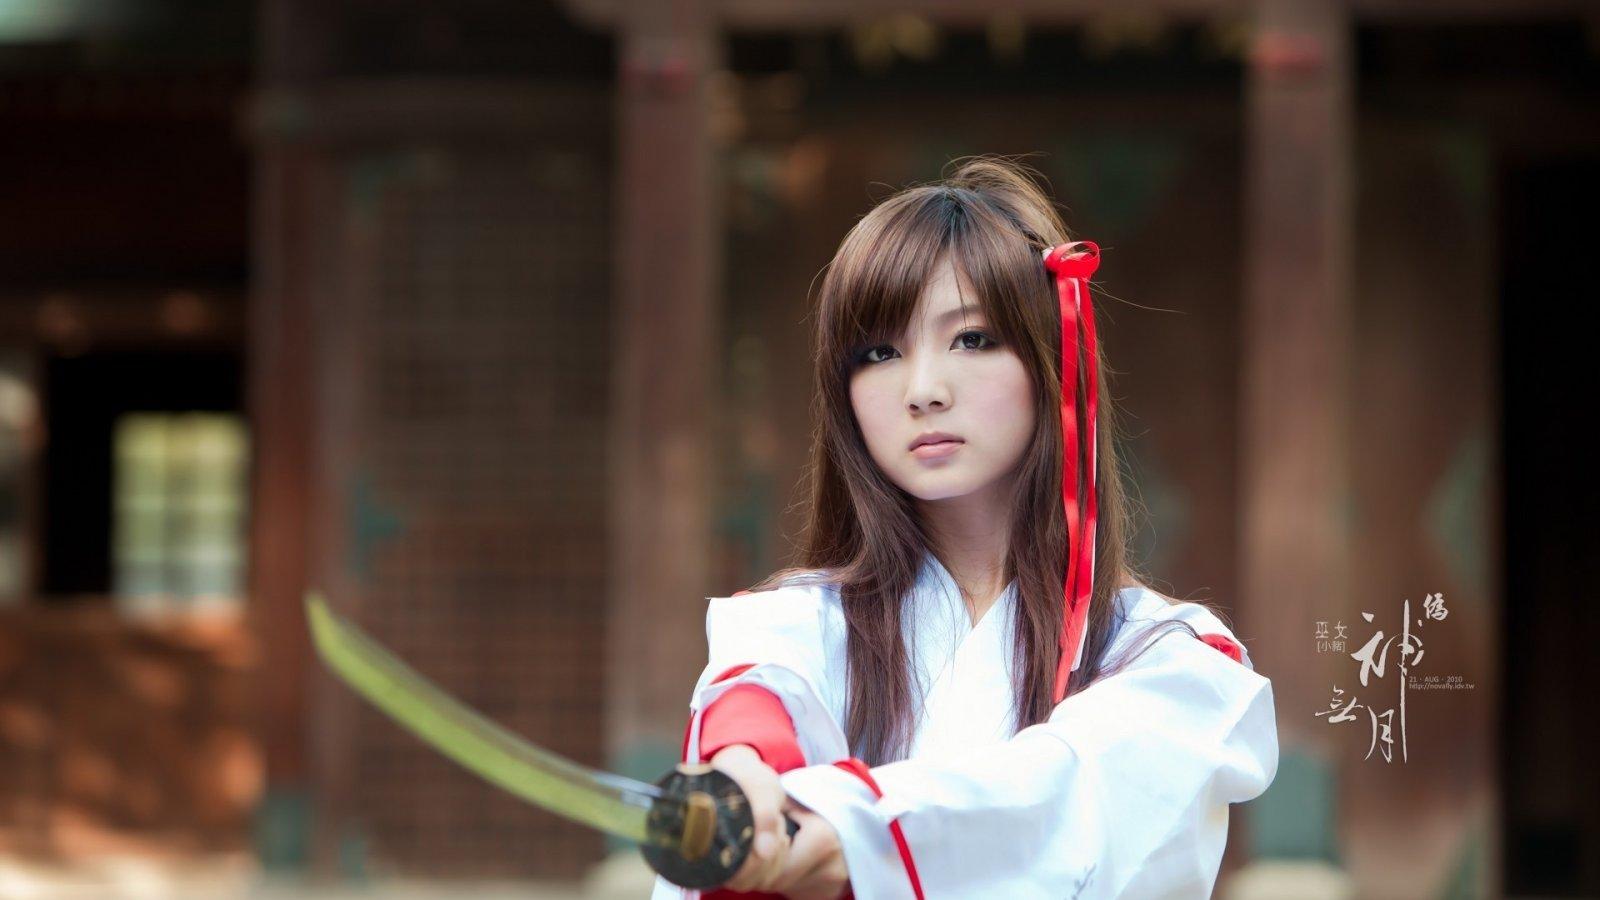 Танцующая японка фото 7 фотография